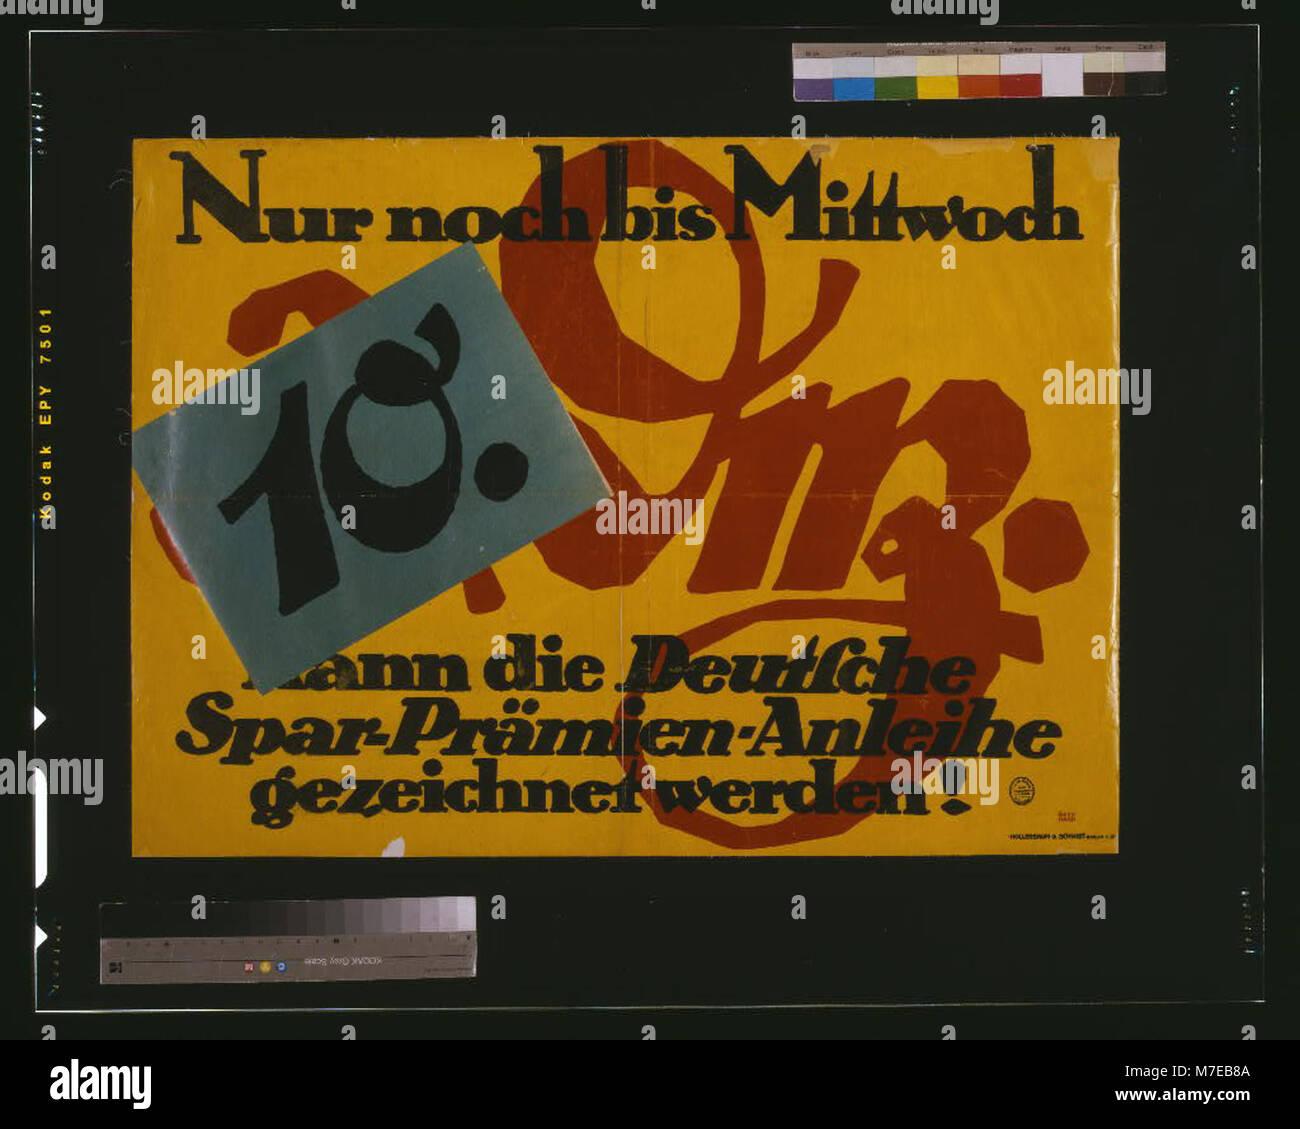 Nur noch bis Mittwoch, 10. Dez., kann die Deutsche Spar-Prämien-Anleihe gezeichnet werden - Bernhard. LCCN2004665840 Stock Photo